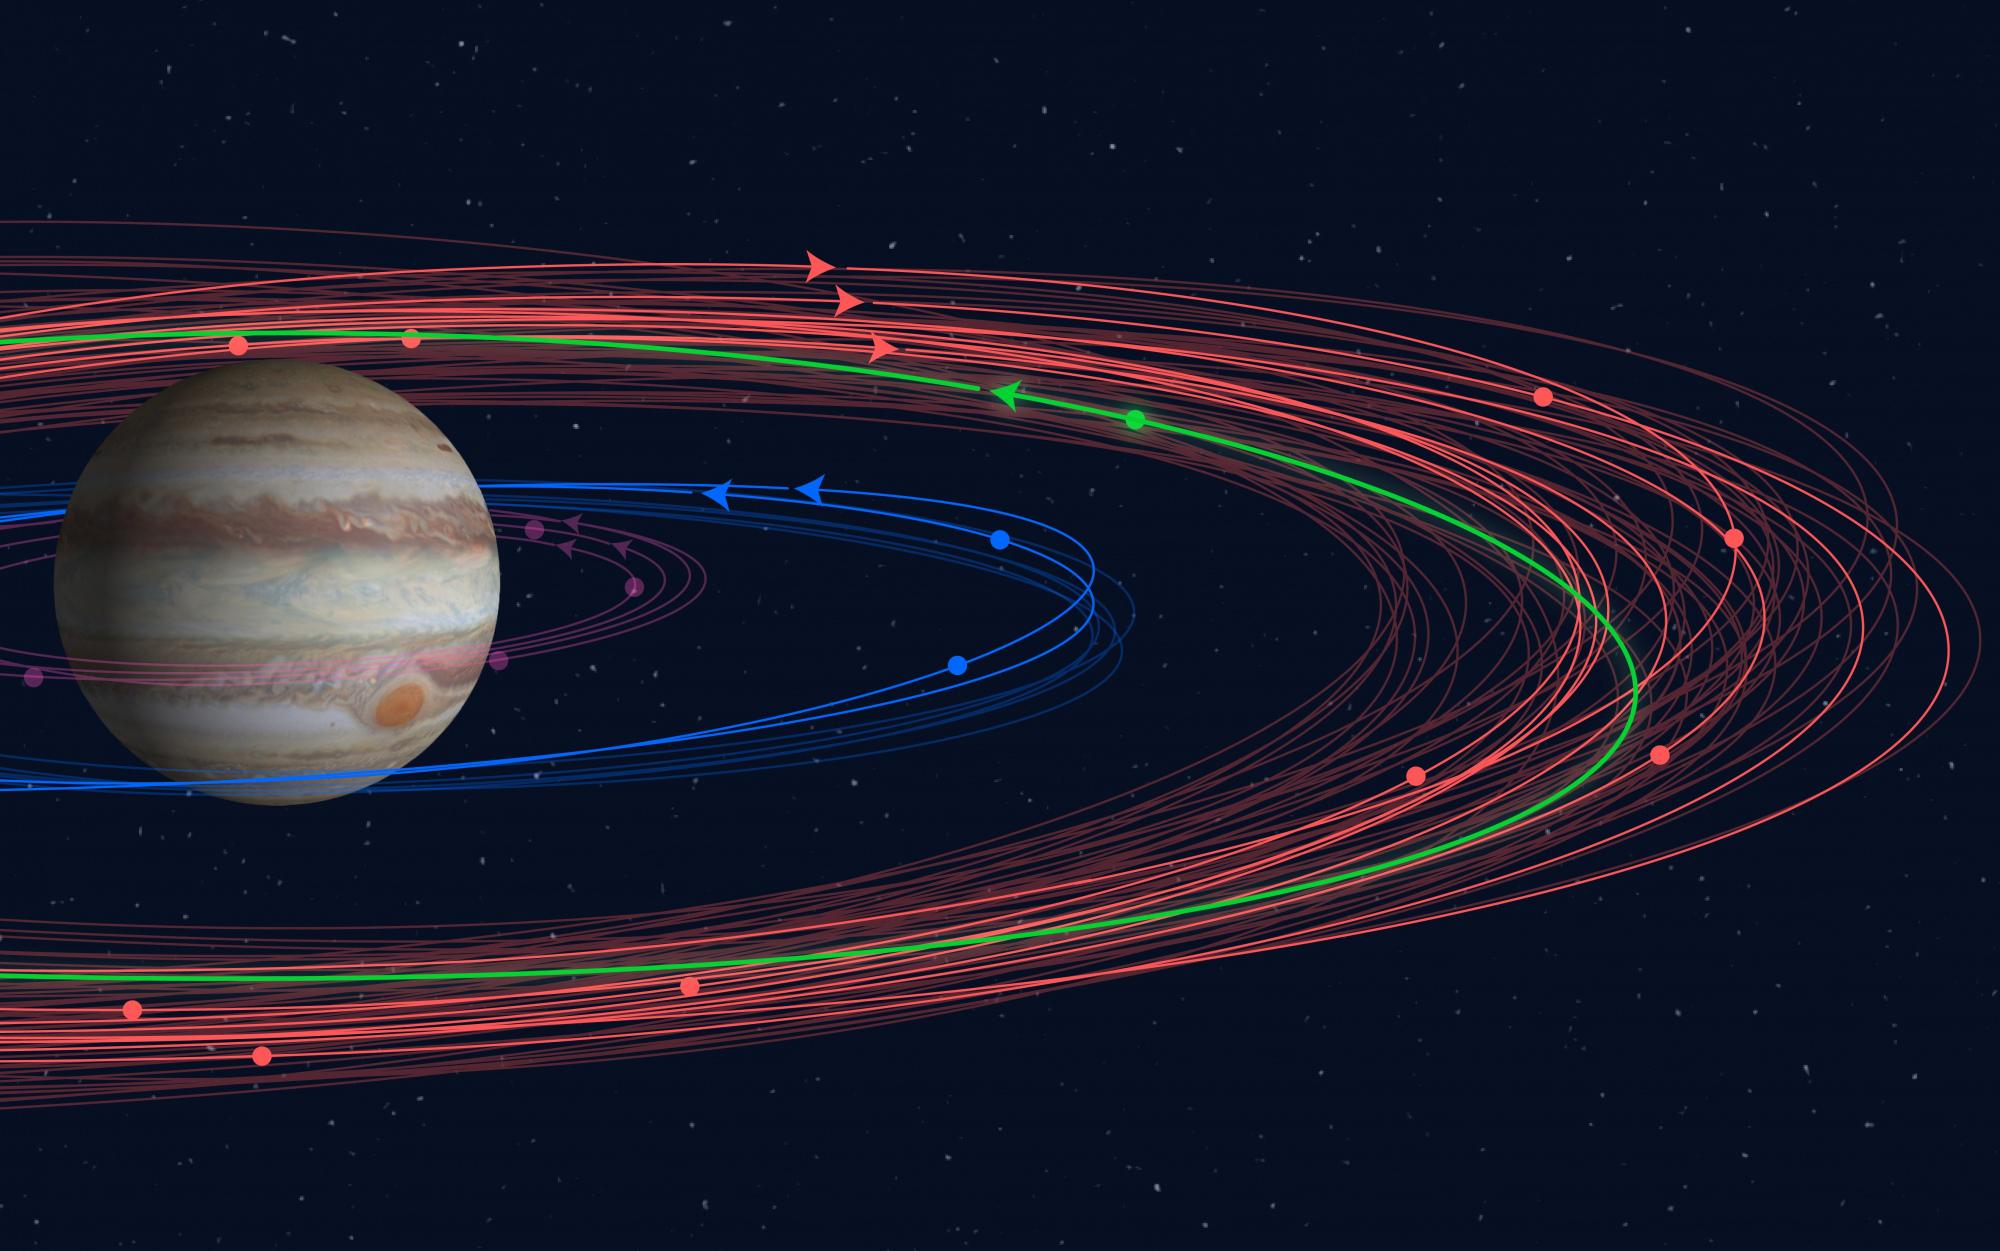 jupiter moons orbit.jpg